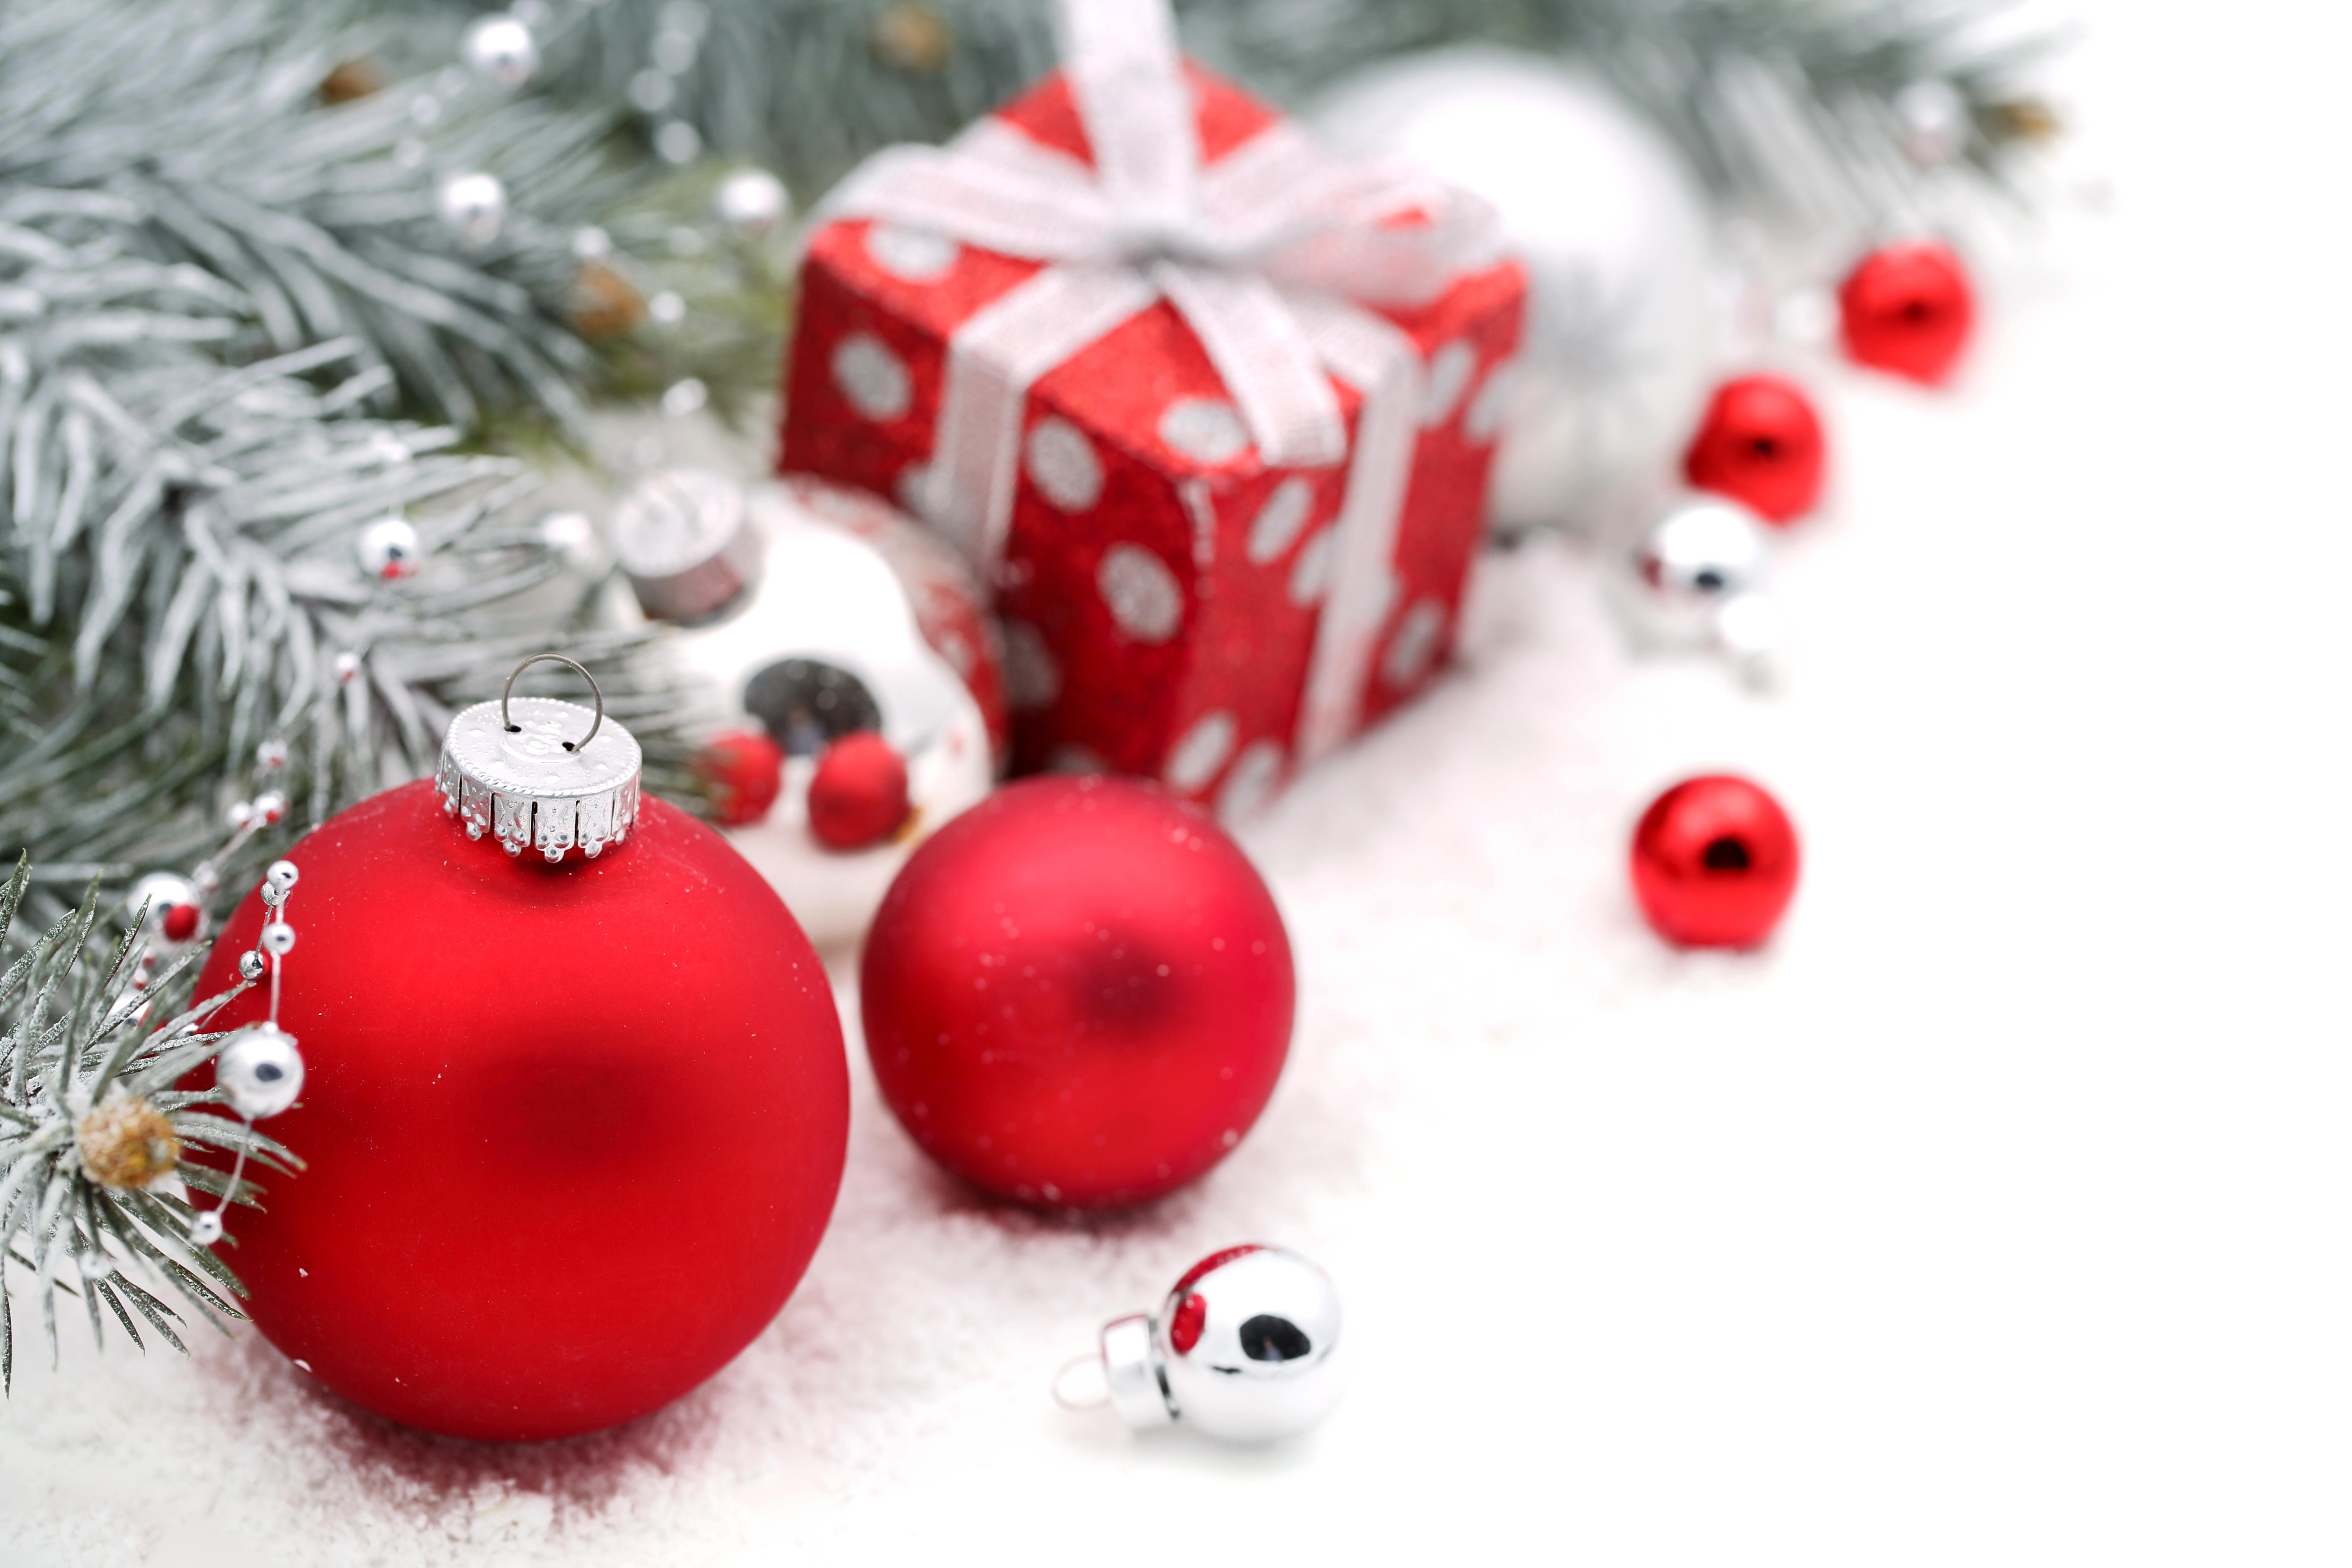 часы игрушки подарки снежинки  № 2647514 бесплатно